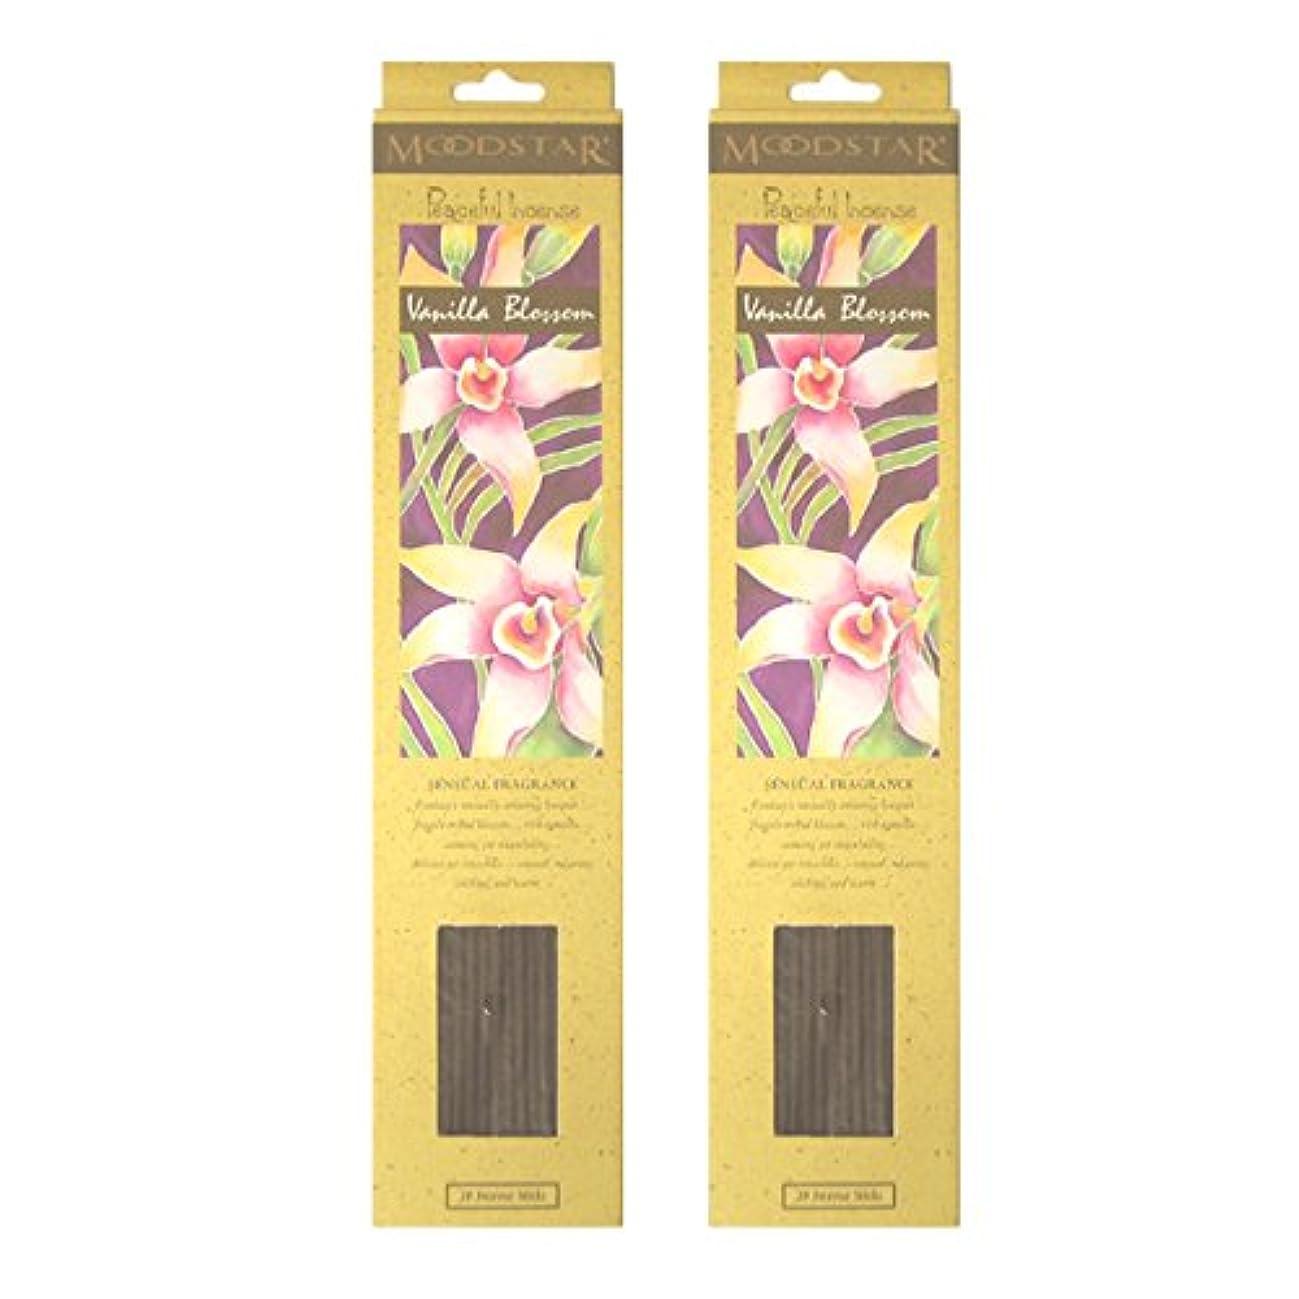 行列レーニン主義矢MOODSTAR ムードスター Vanilla Blossom バニラ・ブロッサム お香 20本 X 2パック (40本)